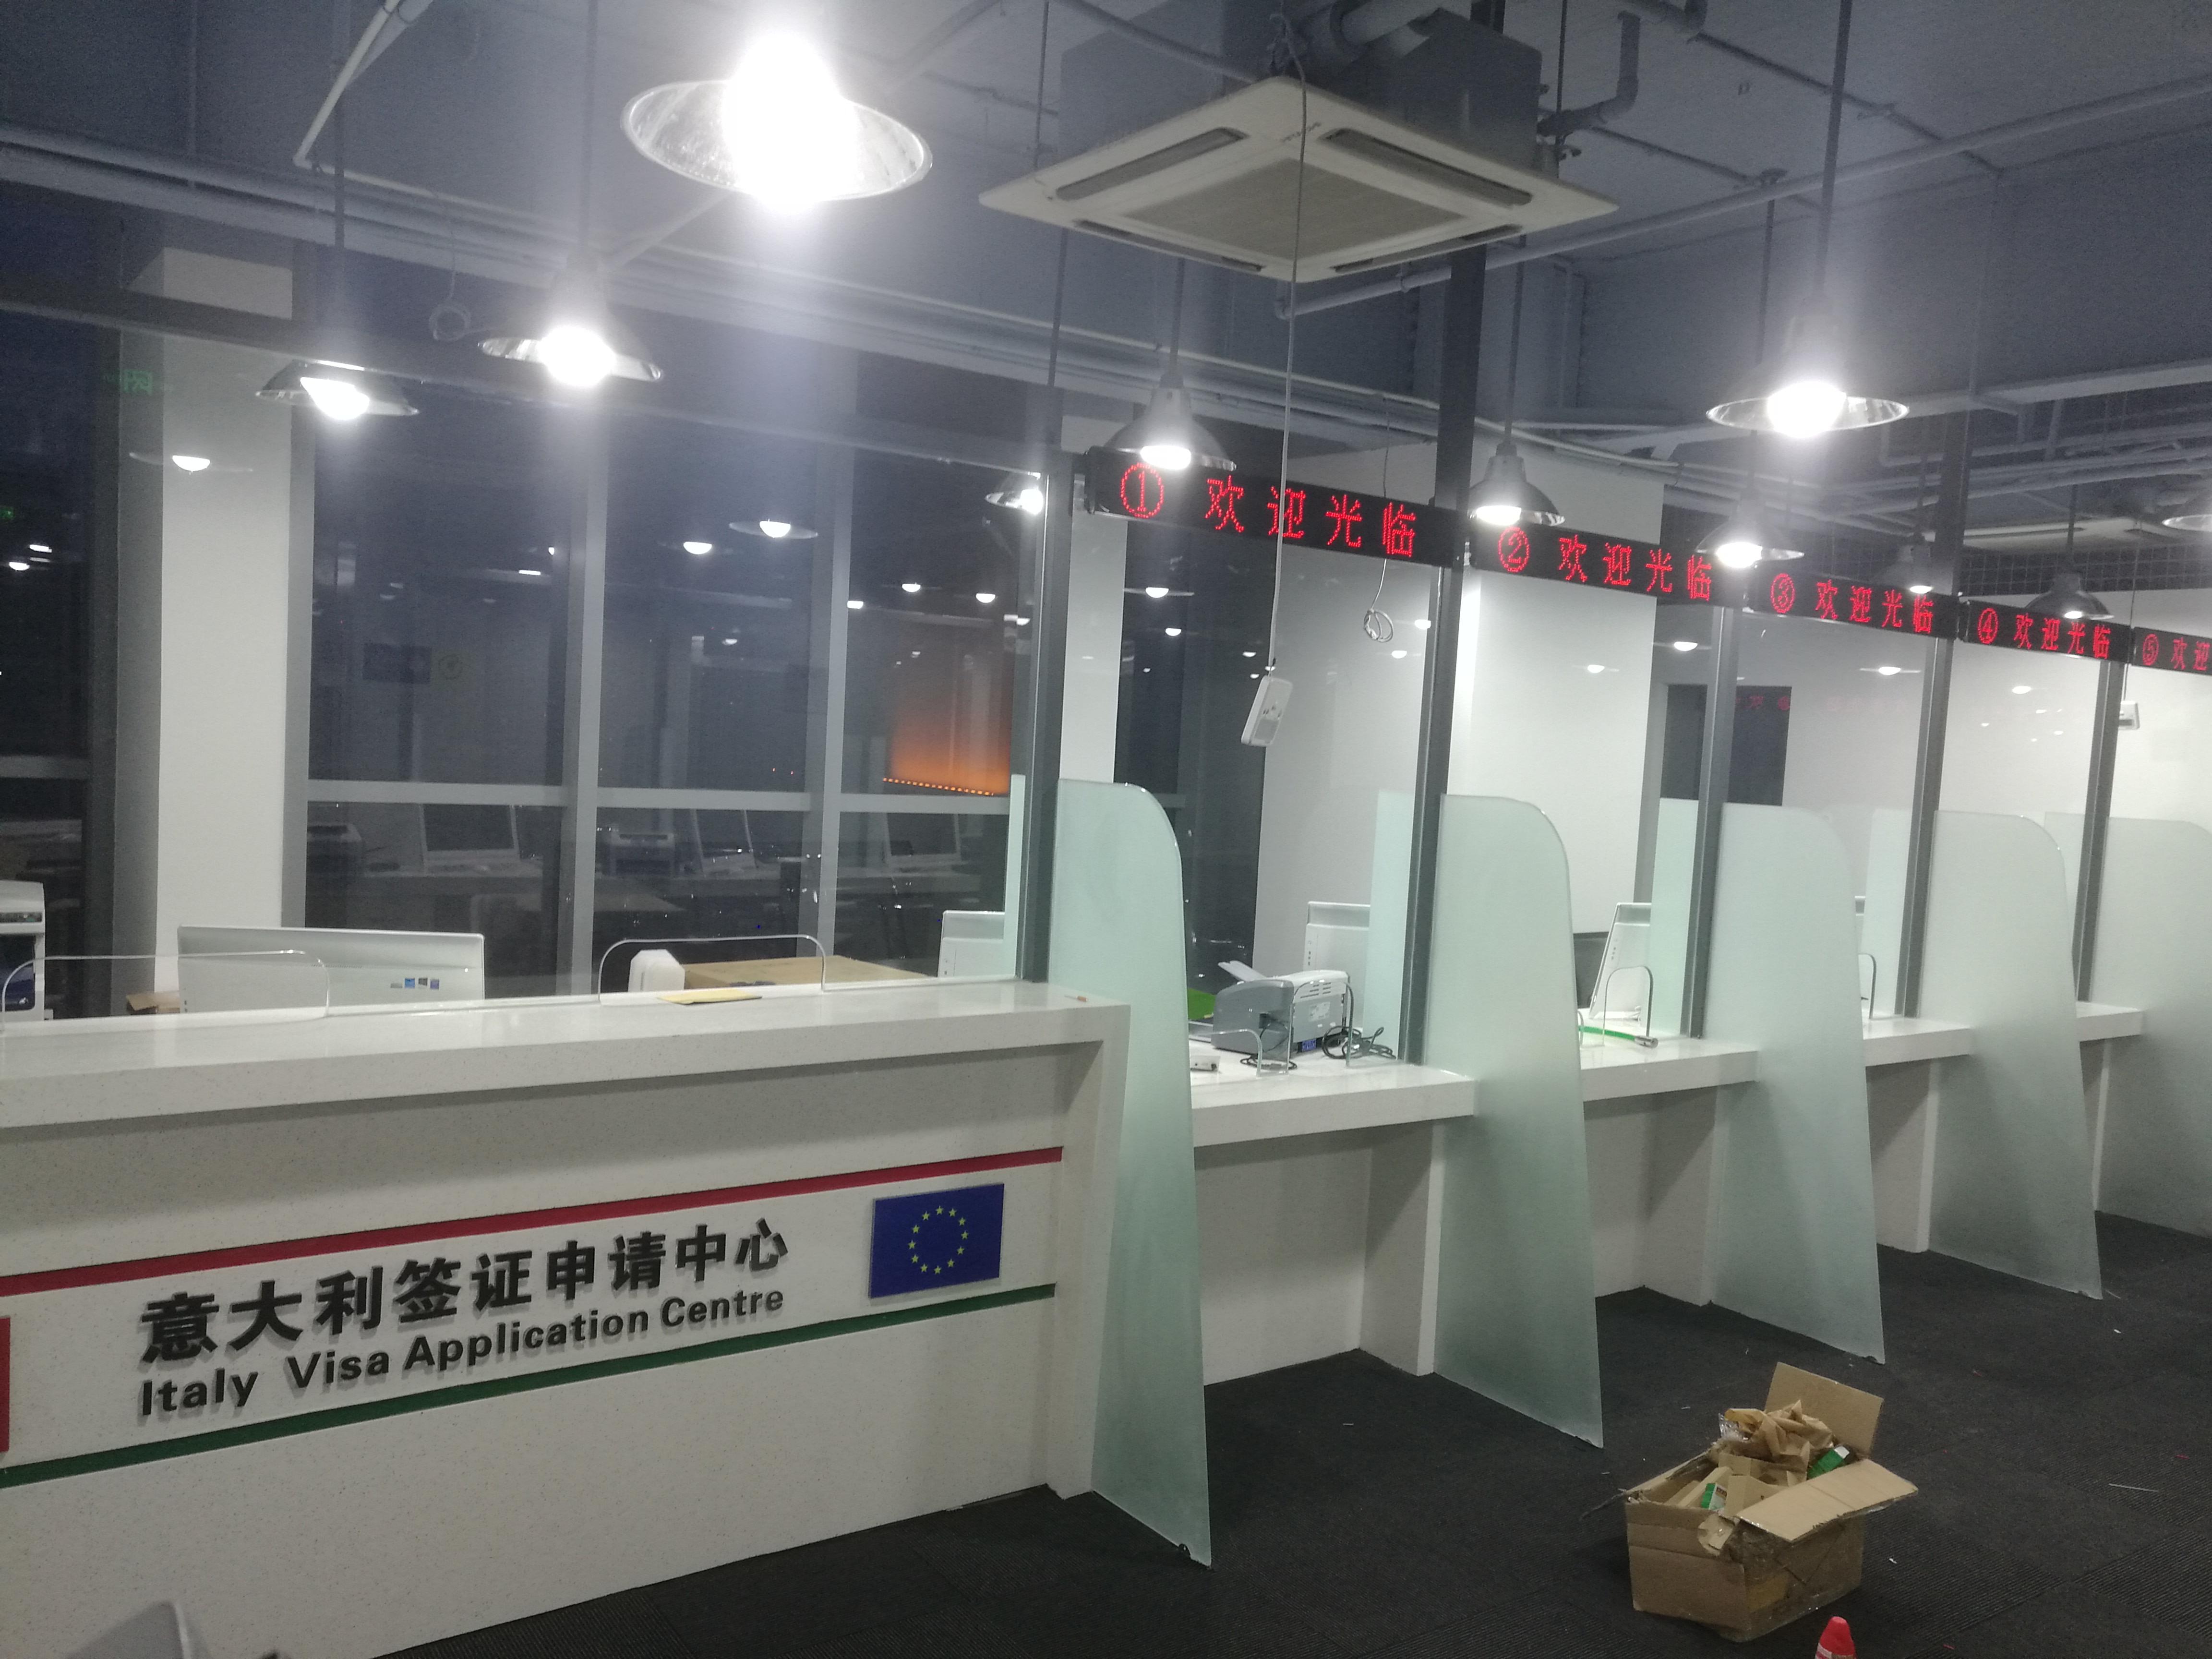 意大利(昆明)签证中心叫号系统